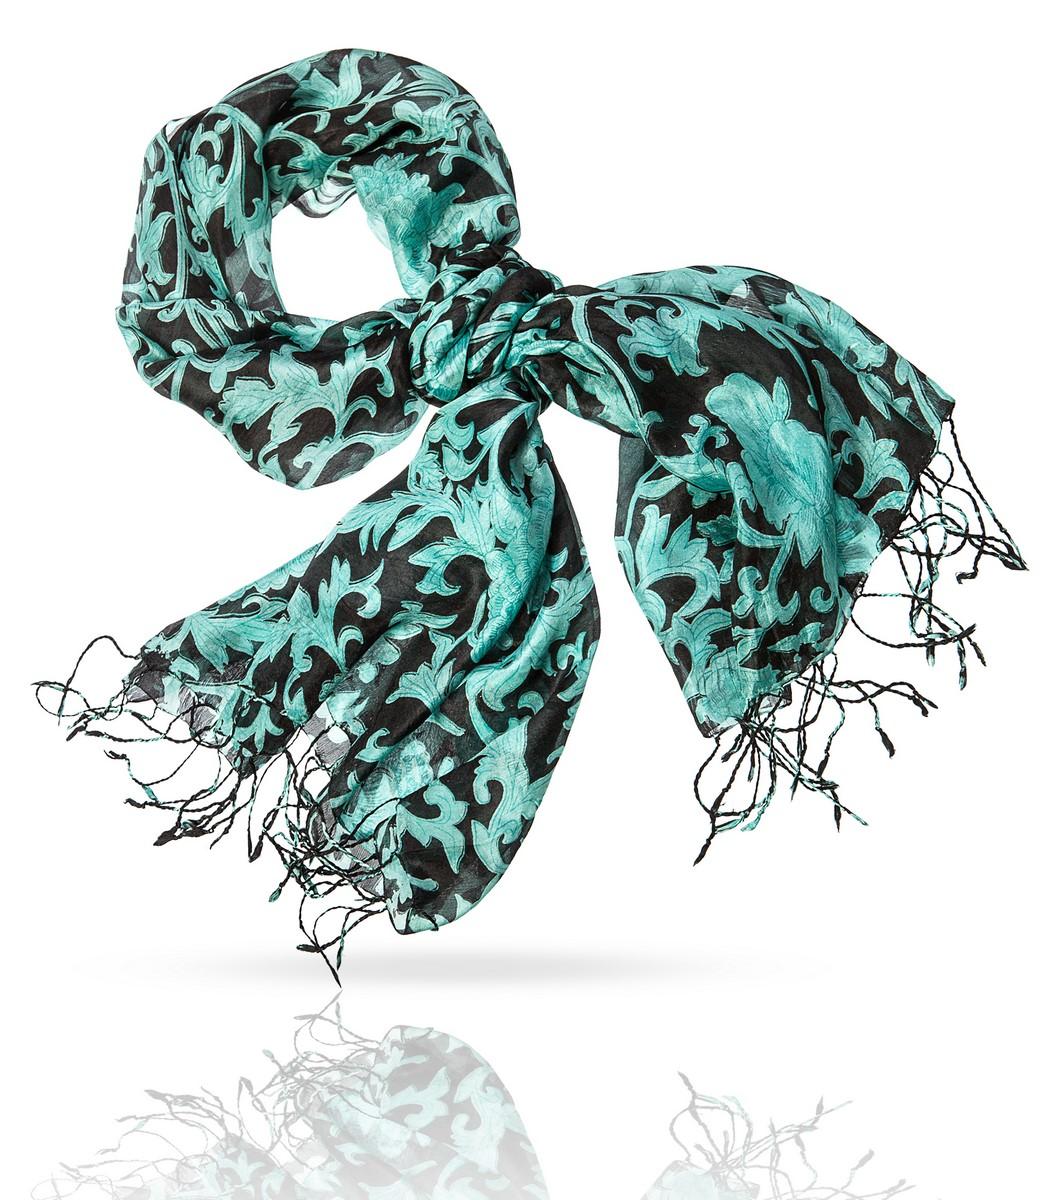 Палантин Michel Katana, цвет: зеленый, черный. S-IVY. Размер 110 см х 180 смS-IVY/BLACKЭтот палантин создан специально для женщин, про которых говорят в ней что-то есть. Энергичный, смелый узор может доминировать, если вы расправите легкое шелковое полотно, или служить яркой деталью, если завязать палантин на шее, на груди или даже на поясе. В любом случае - с этим аксессуаром вы будете неотразимы!